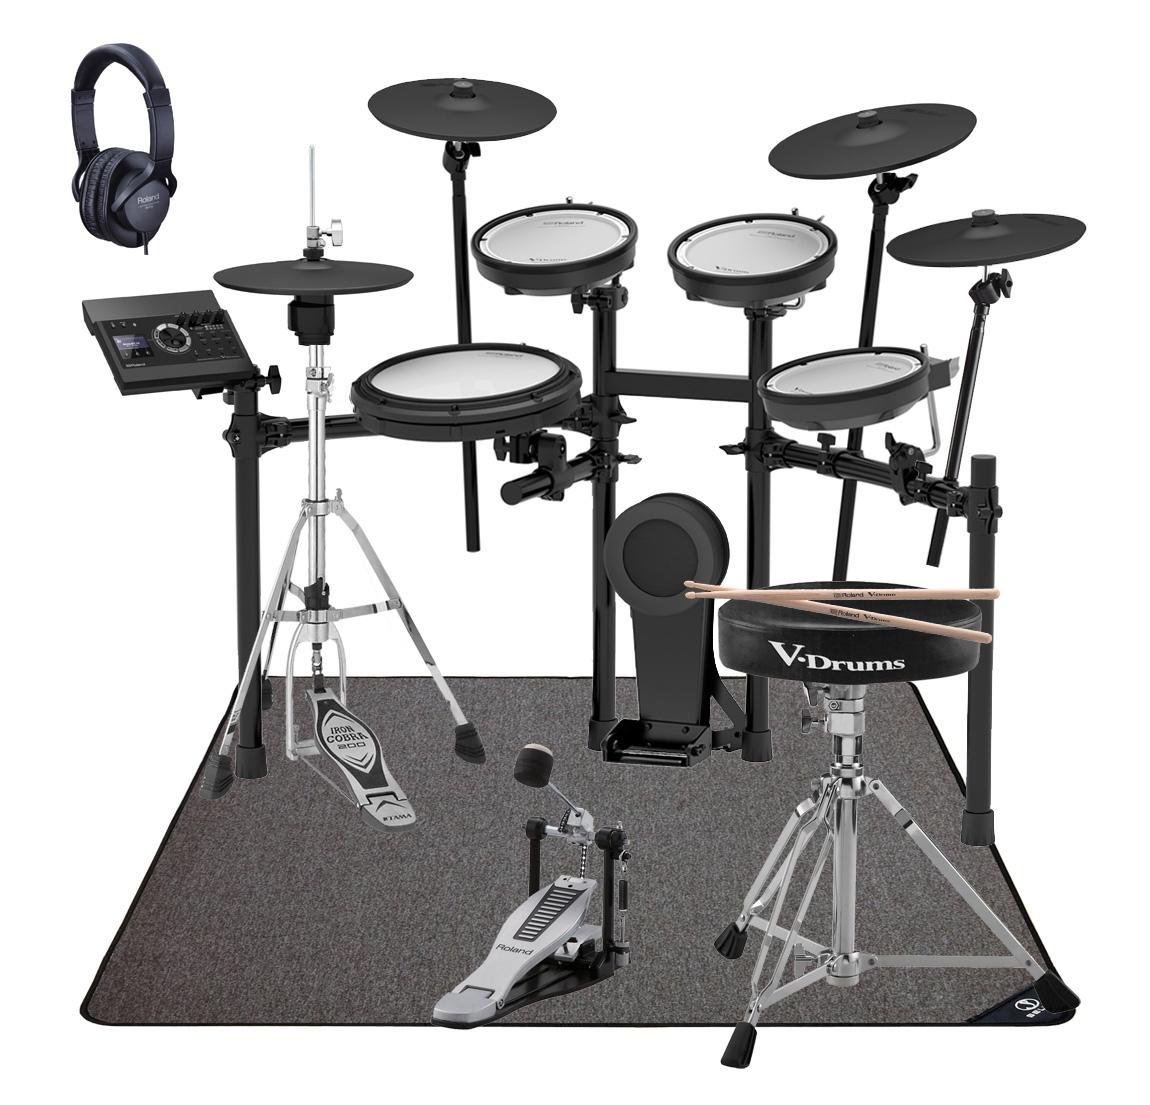 Roland 電子ドラム TD-17KVX-S ドラムアクセサリーパック SELVAマットセット